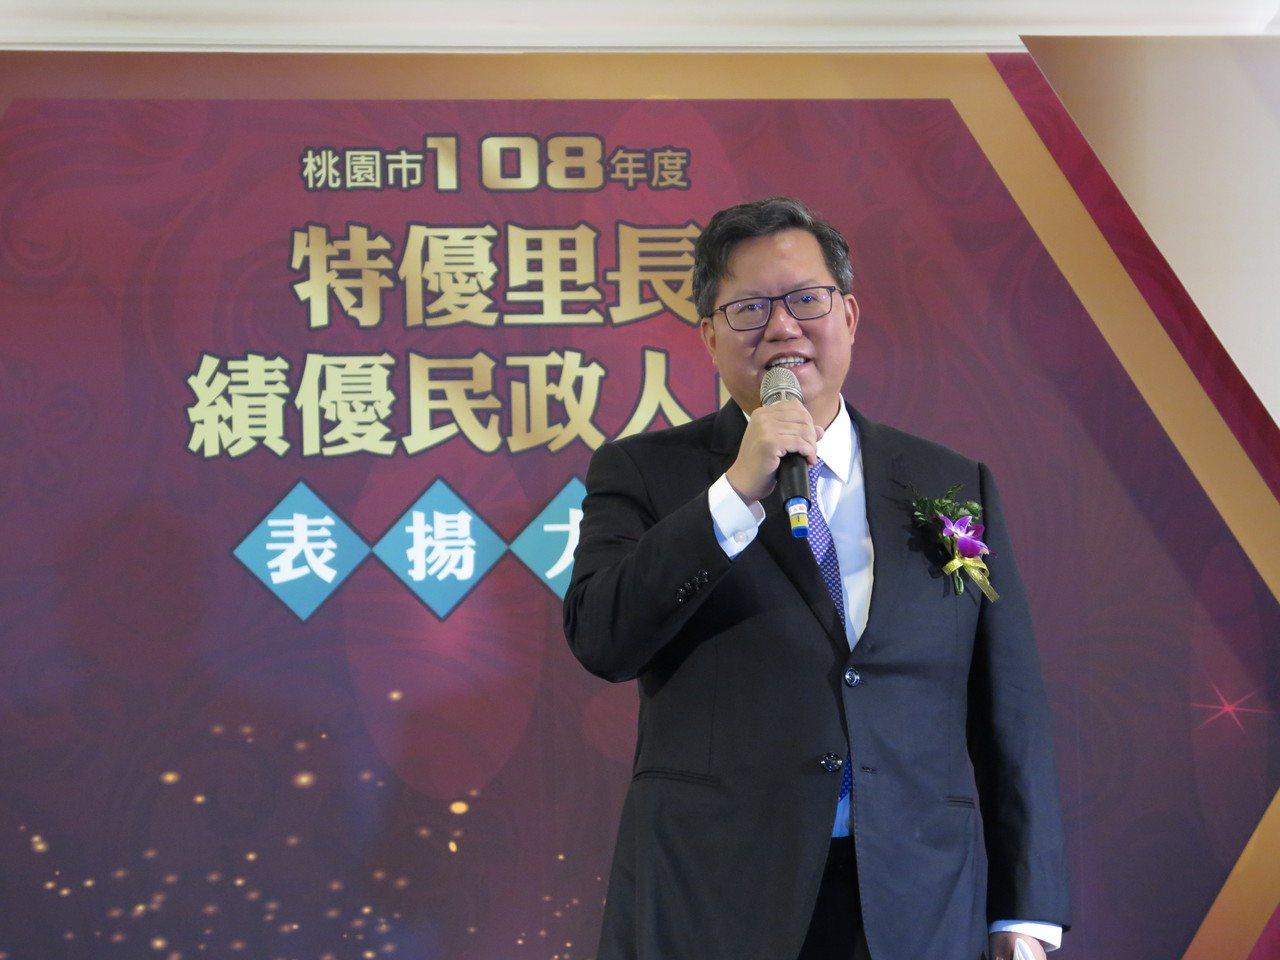 桃園市長鄭文燦現在身材圓滾滾,年初在市府量體重是84.5公斤。記者張裕珍/攝影